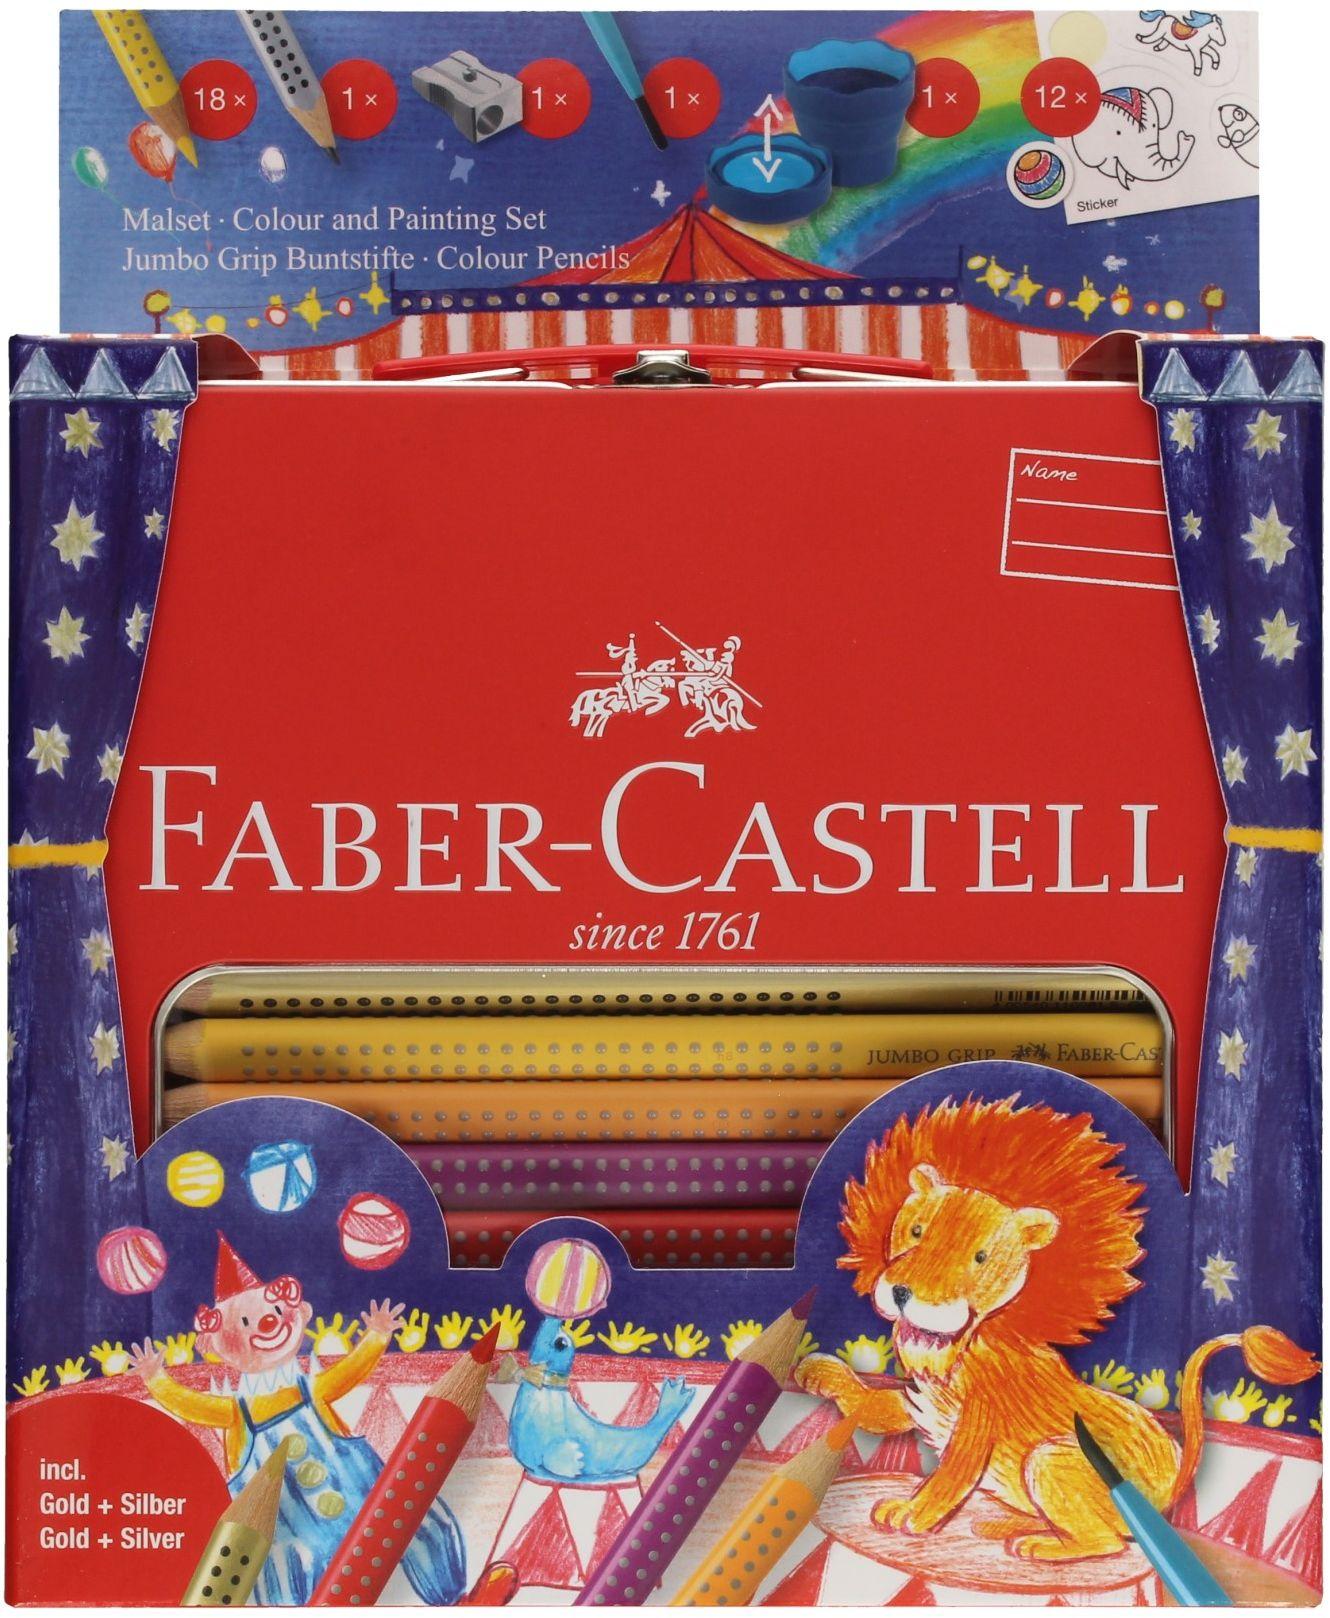 Zestaw do malowania-rysowania Jumbo Grip walizka Circus faber Castell 201352FC